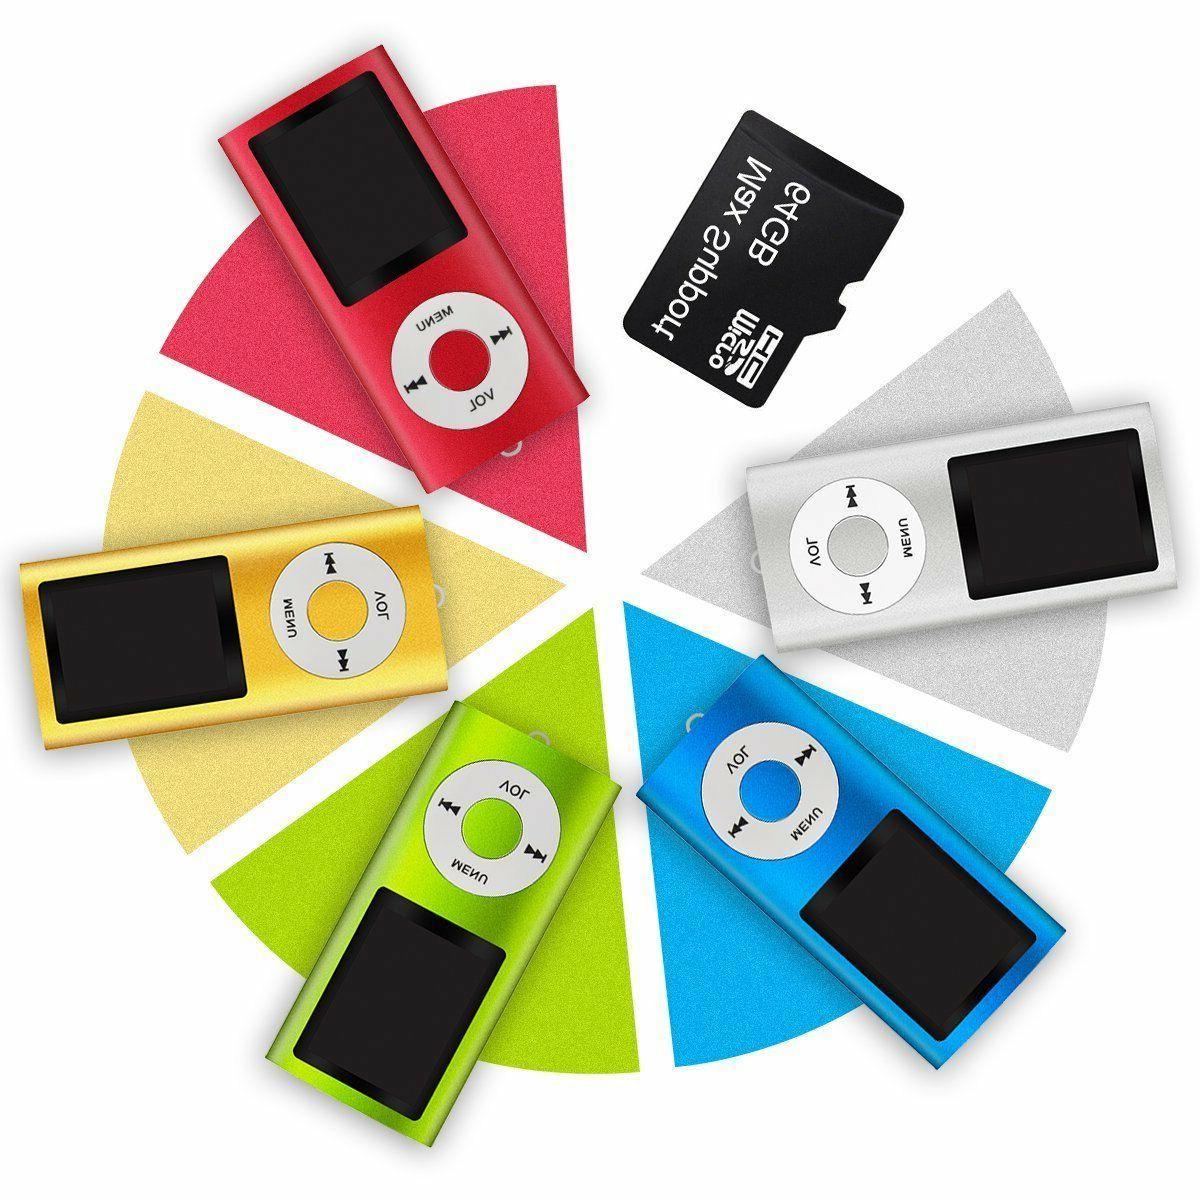 Top MP3 64GB Max LCD Video Radio FM Voice Record Screen